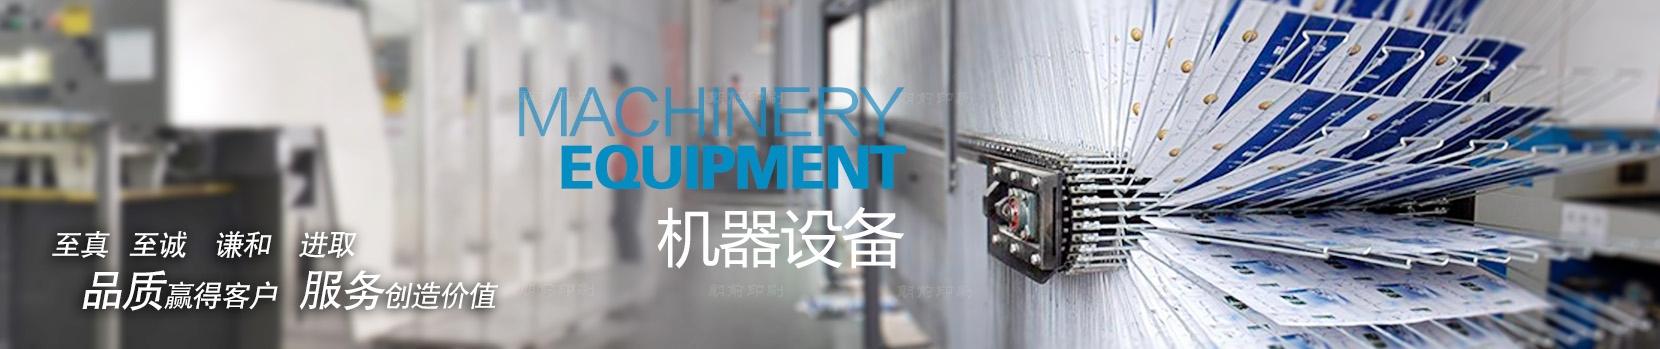 上海印刷产品中心幻灯片1